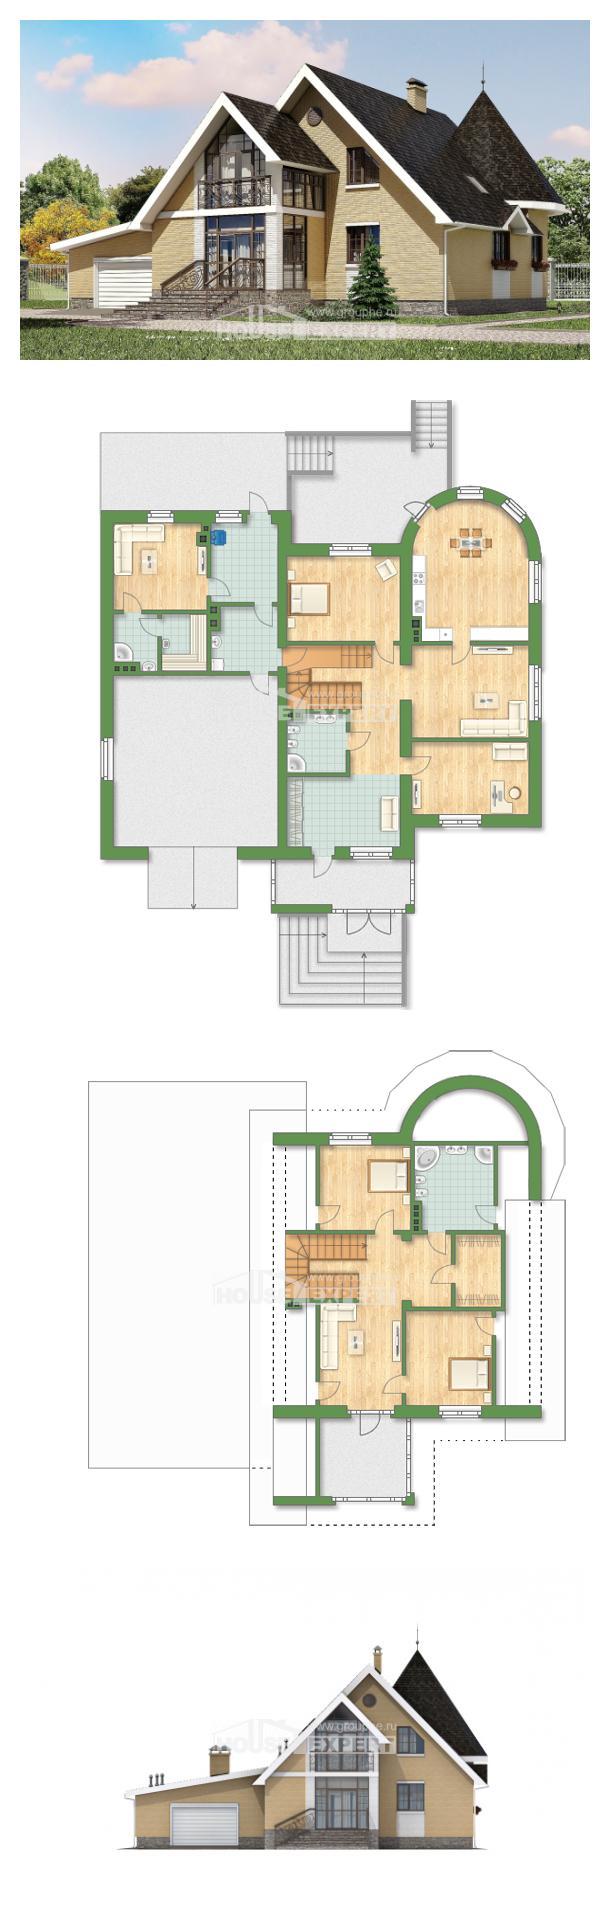 Plan 250-001-L | House Expert